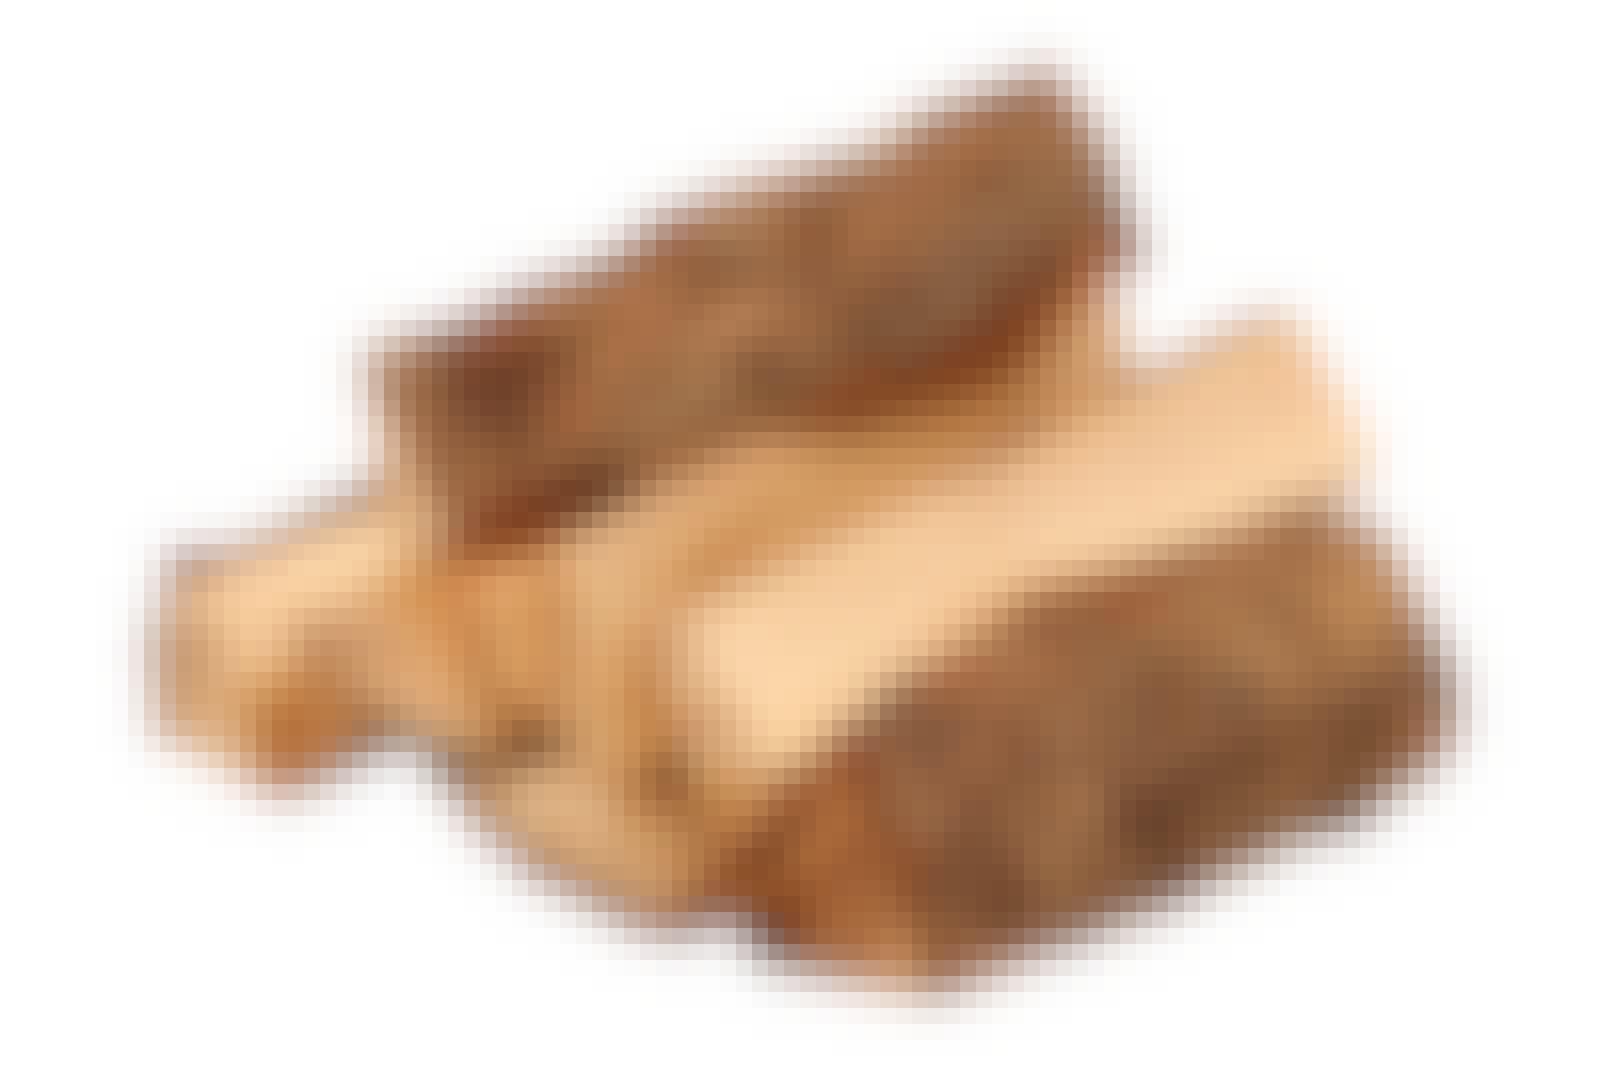 Brænde til bål: Fyrretræ er meget velegnet som brænde til bålet.